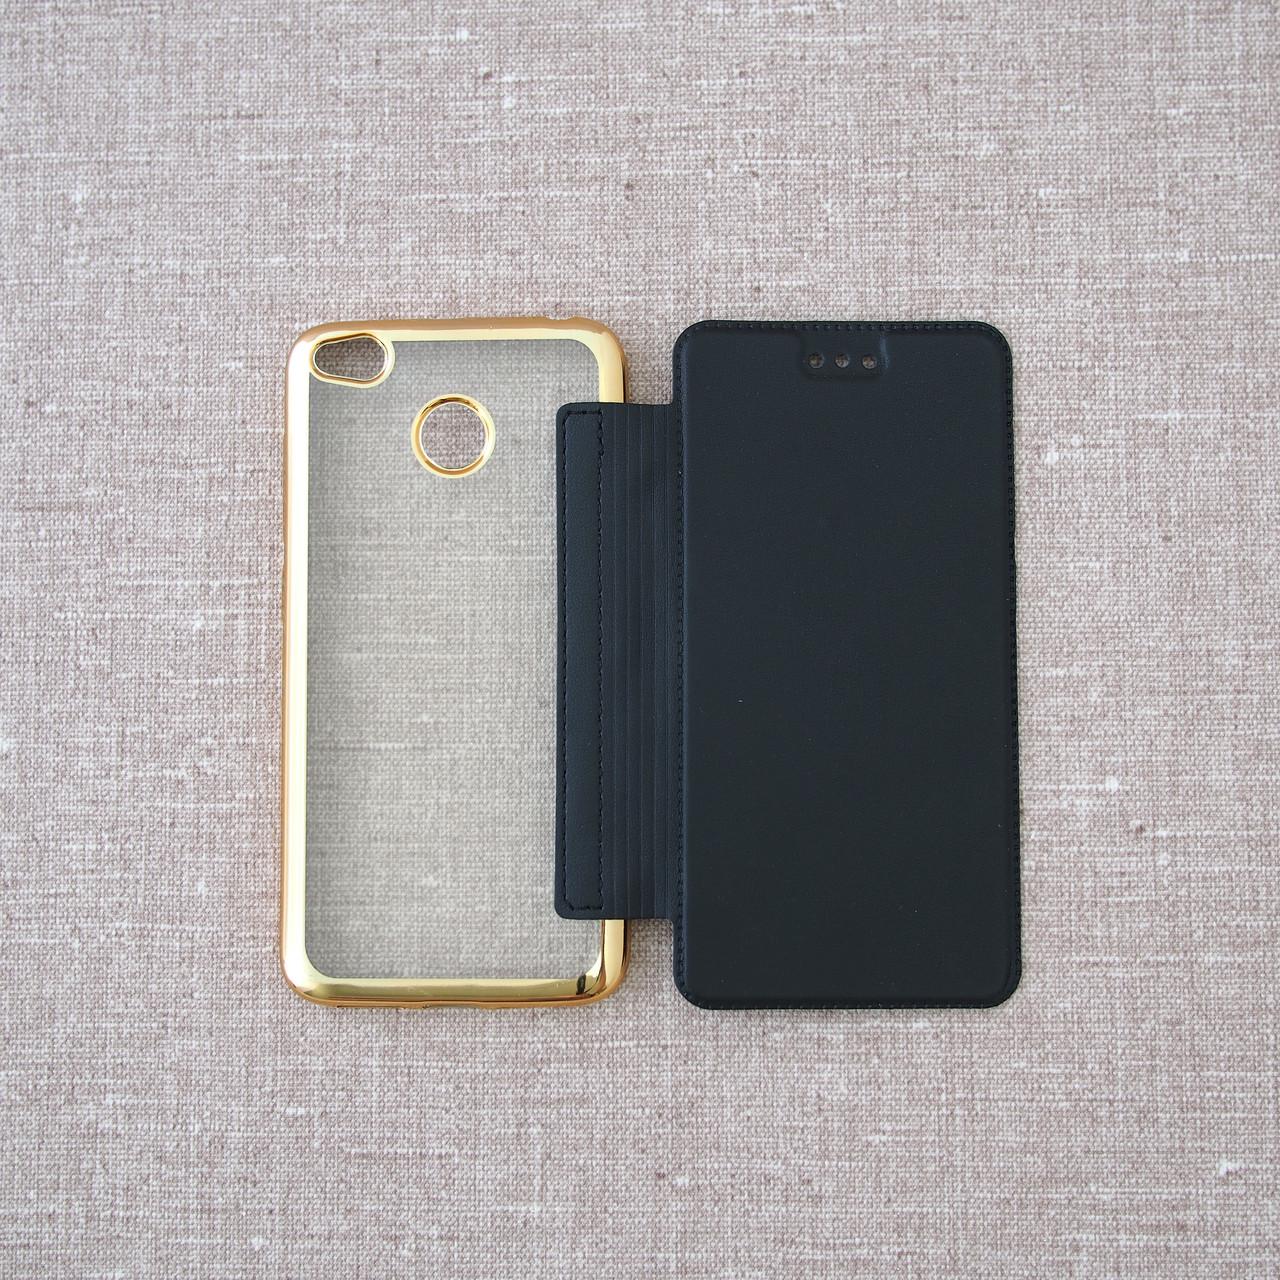 Чехол Book Cover Xiaomi Redmi 4x black 4X Для телефона